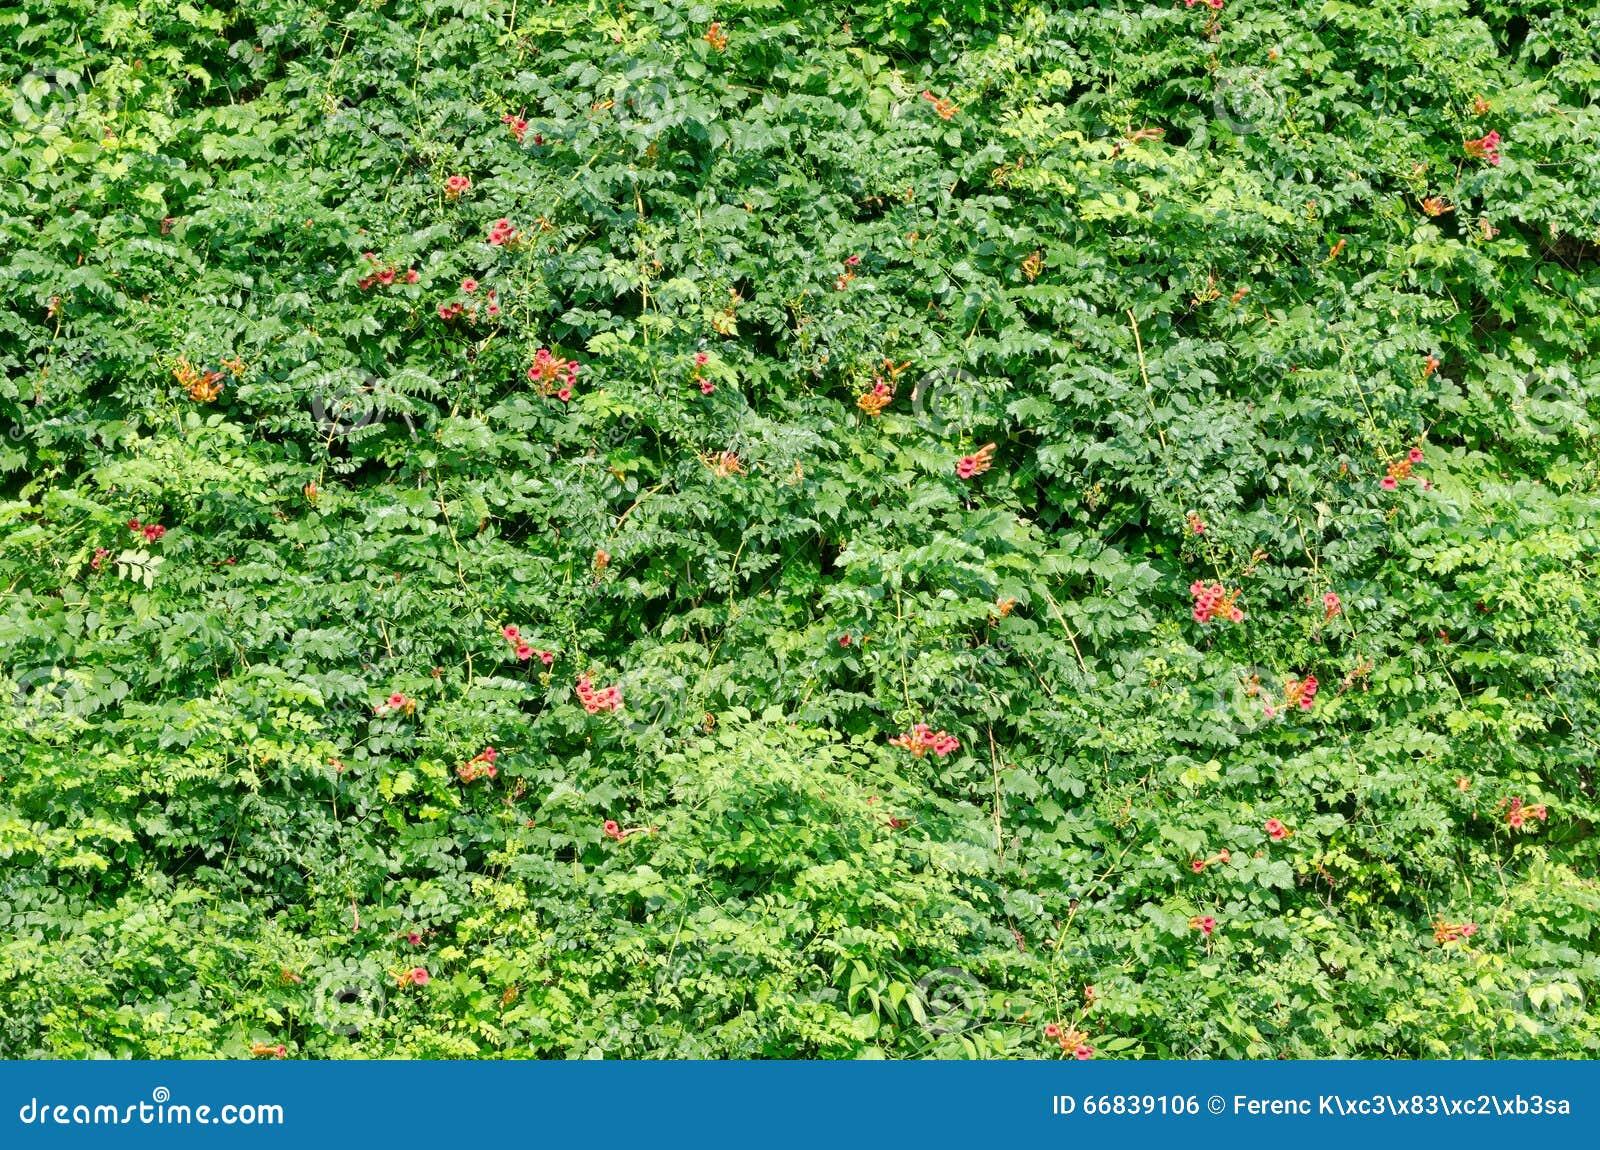 Grüner Zaun von Blättern stockfoto Bild von frech grün